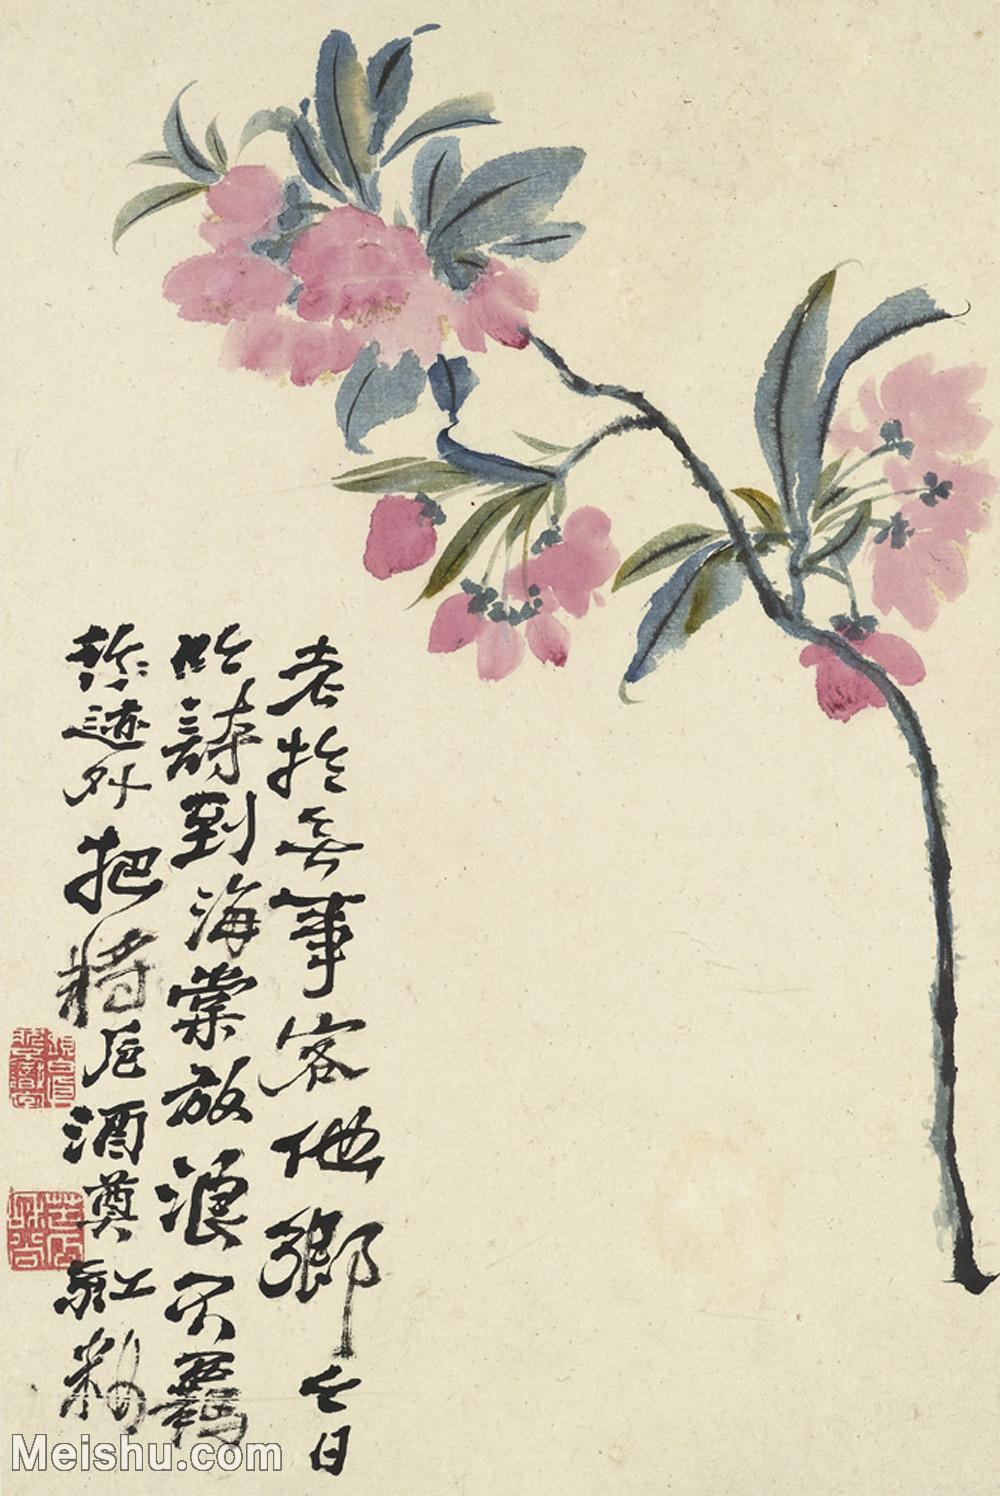 【印刷级】GH6062440古画石涛花卉册(1)册页图片-44M-3221X4823.jpg